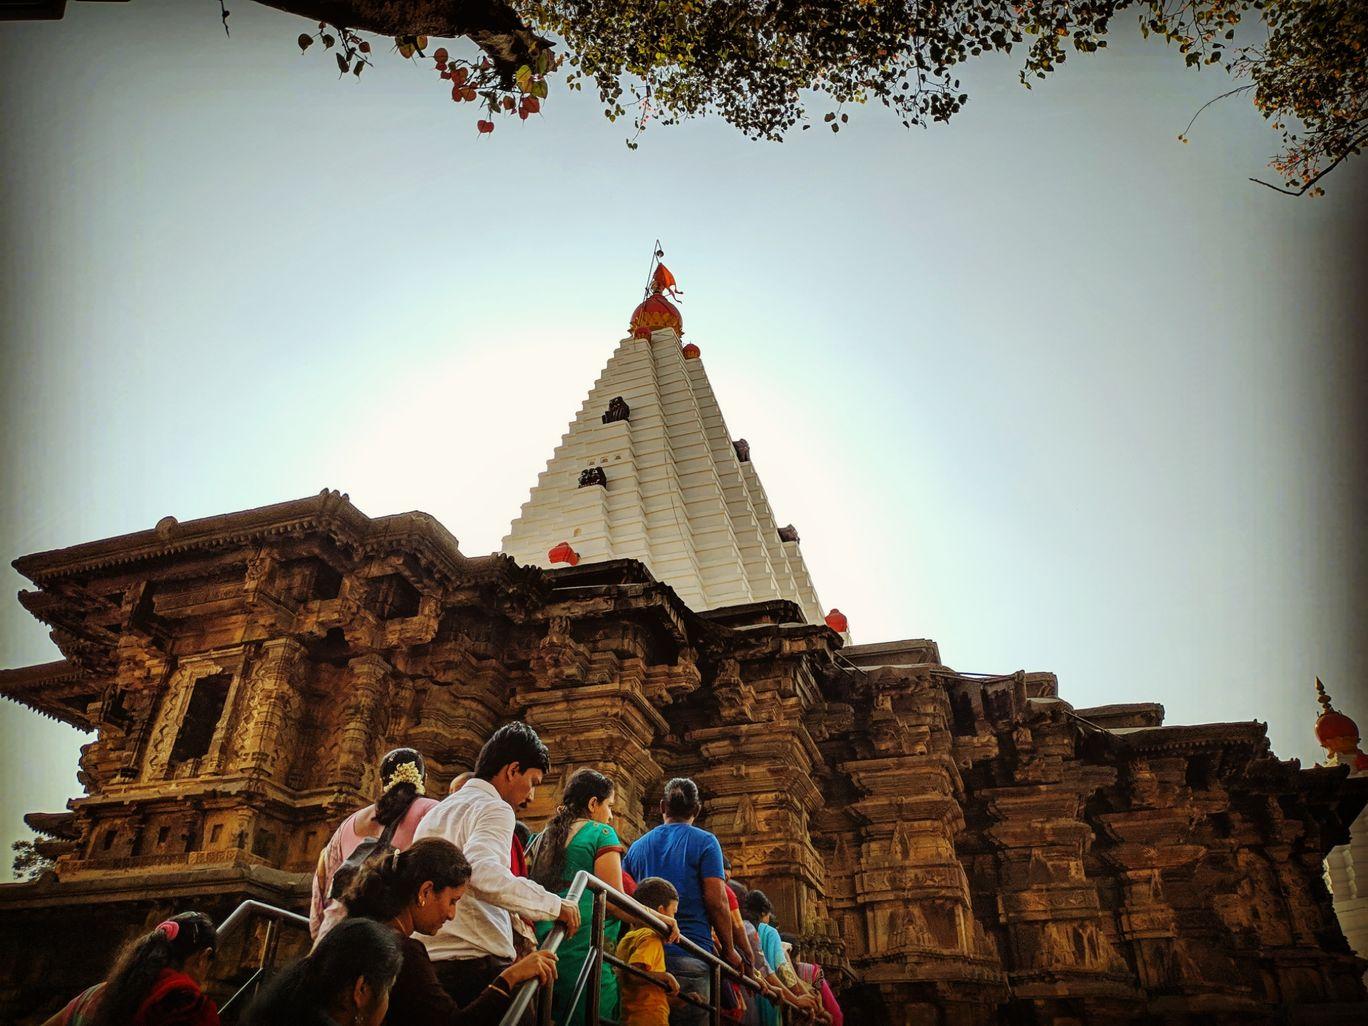 Photo of Mahalakshmi Mandir By Anupam Udupi